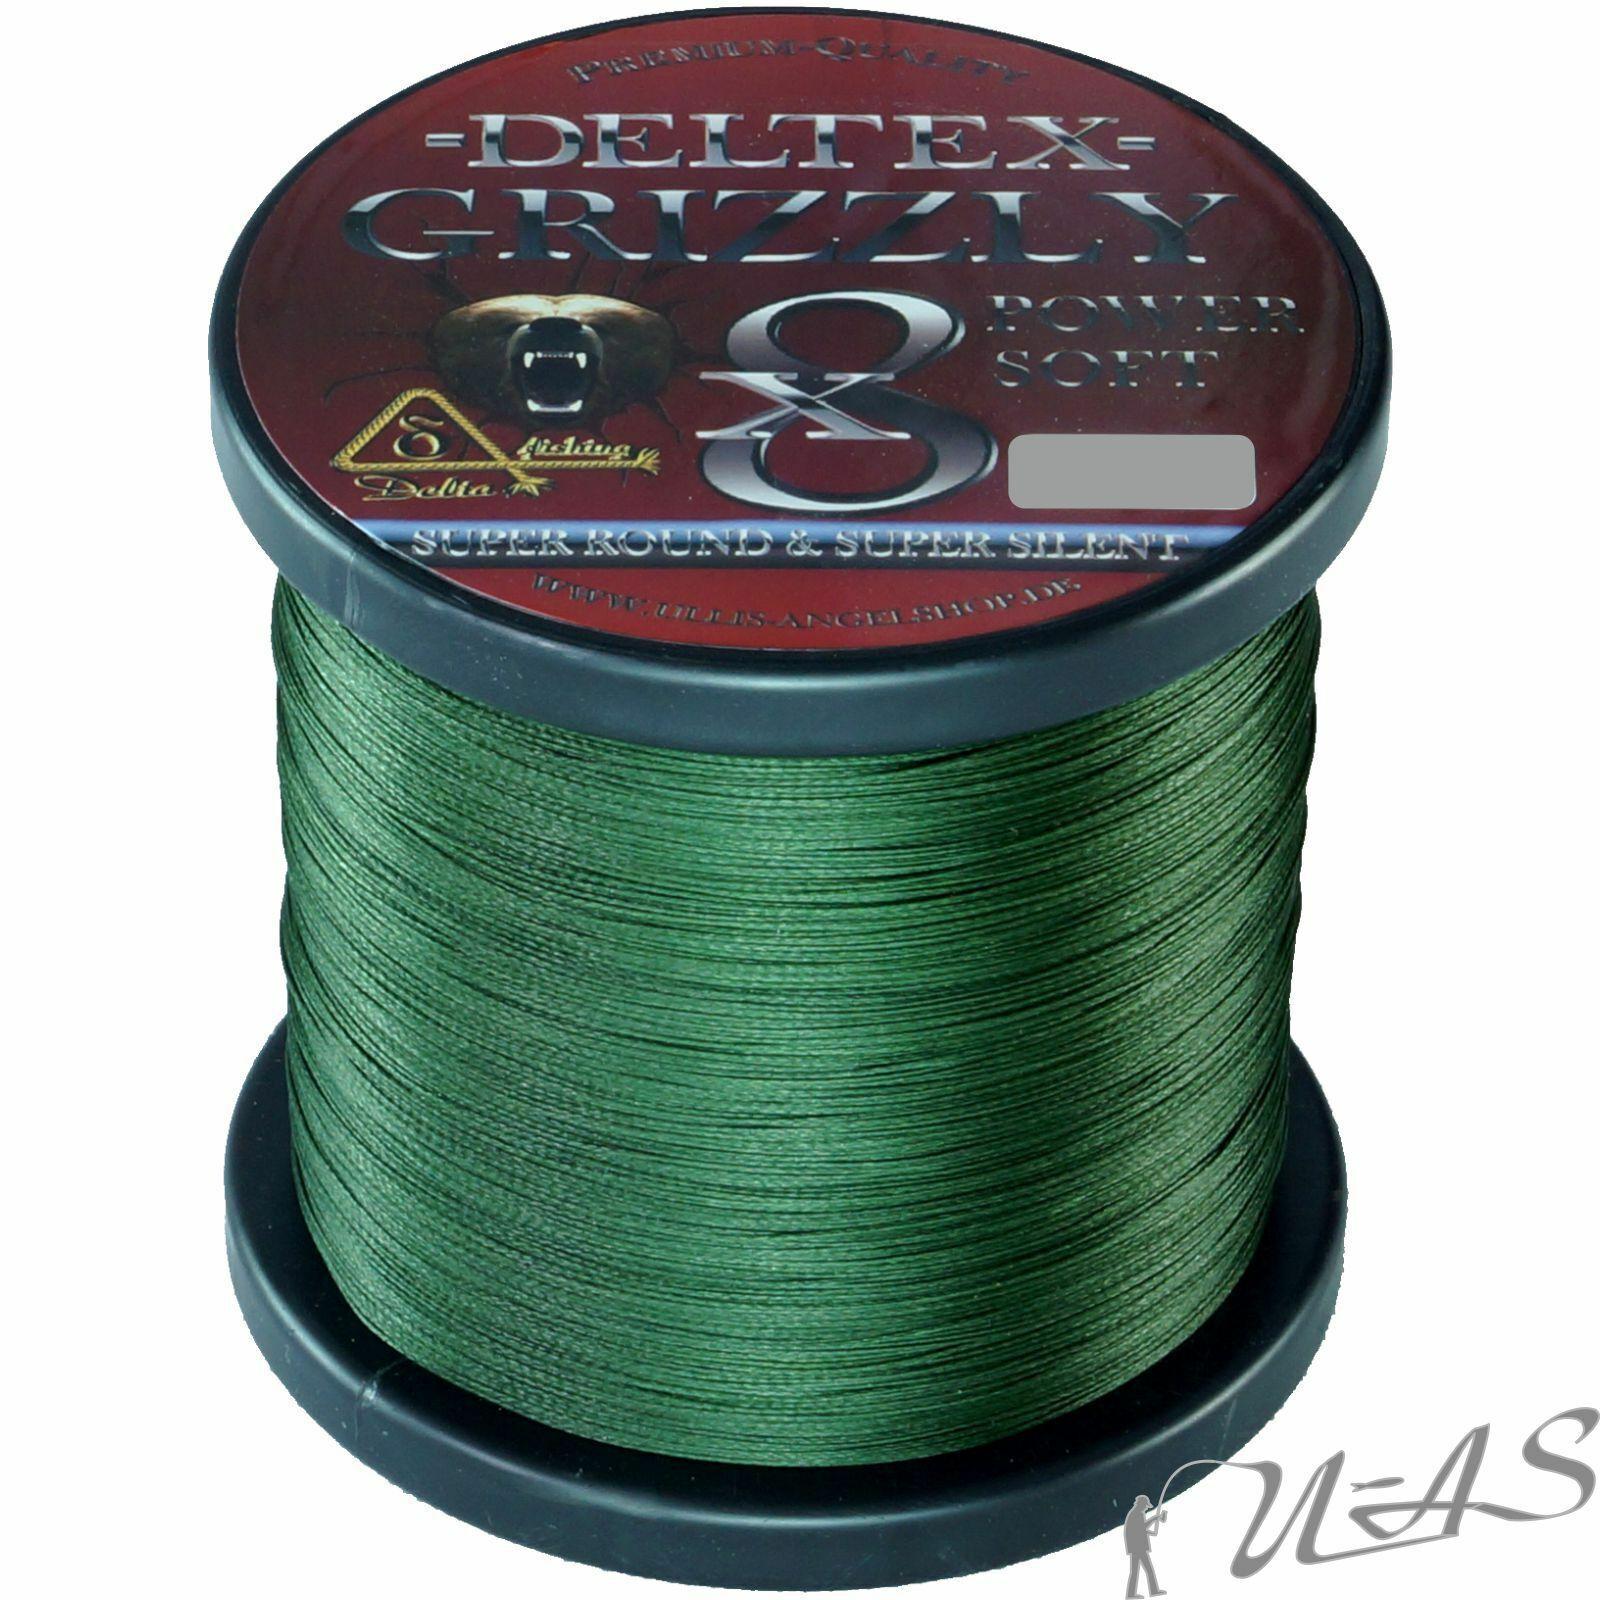 Deltex GRIZZLY verde 0.28mm 42,90kg 1000m PE Giappone 8 volte intrecciato LENZA